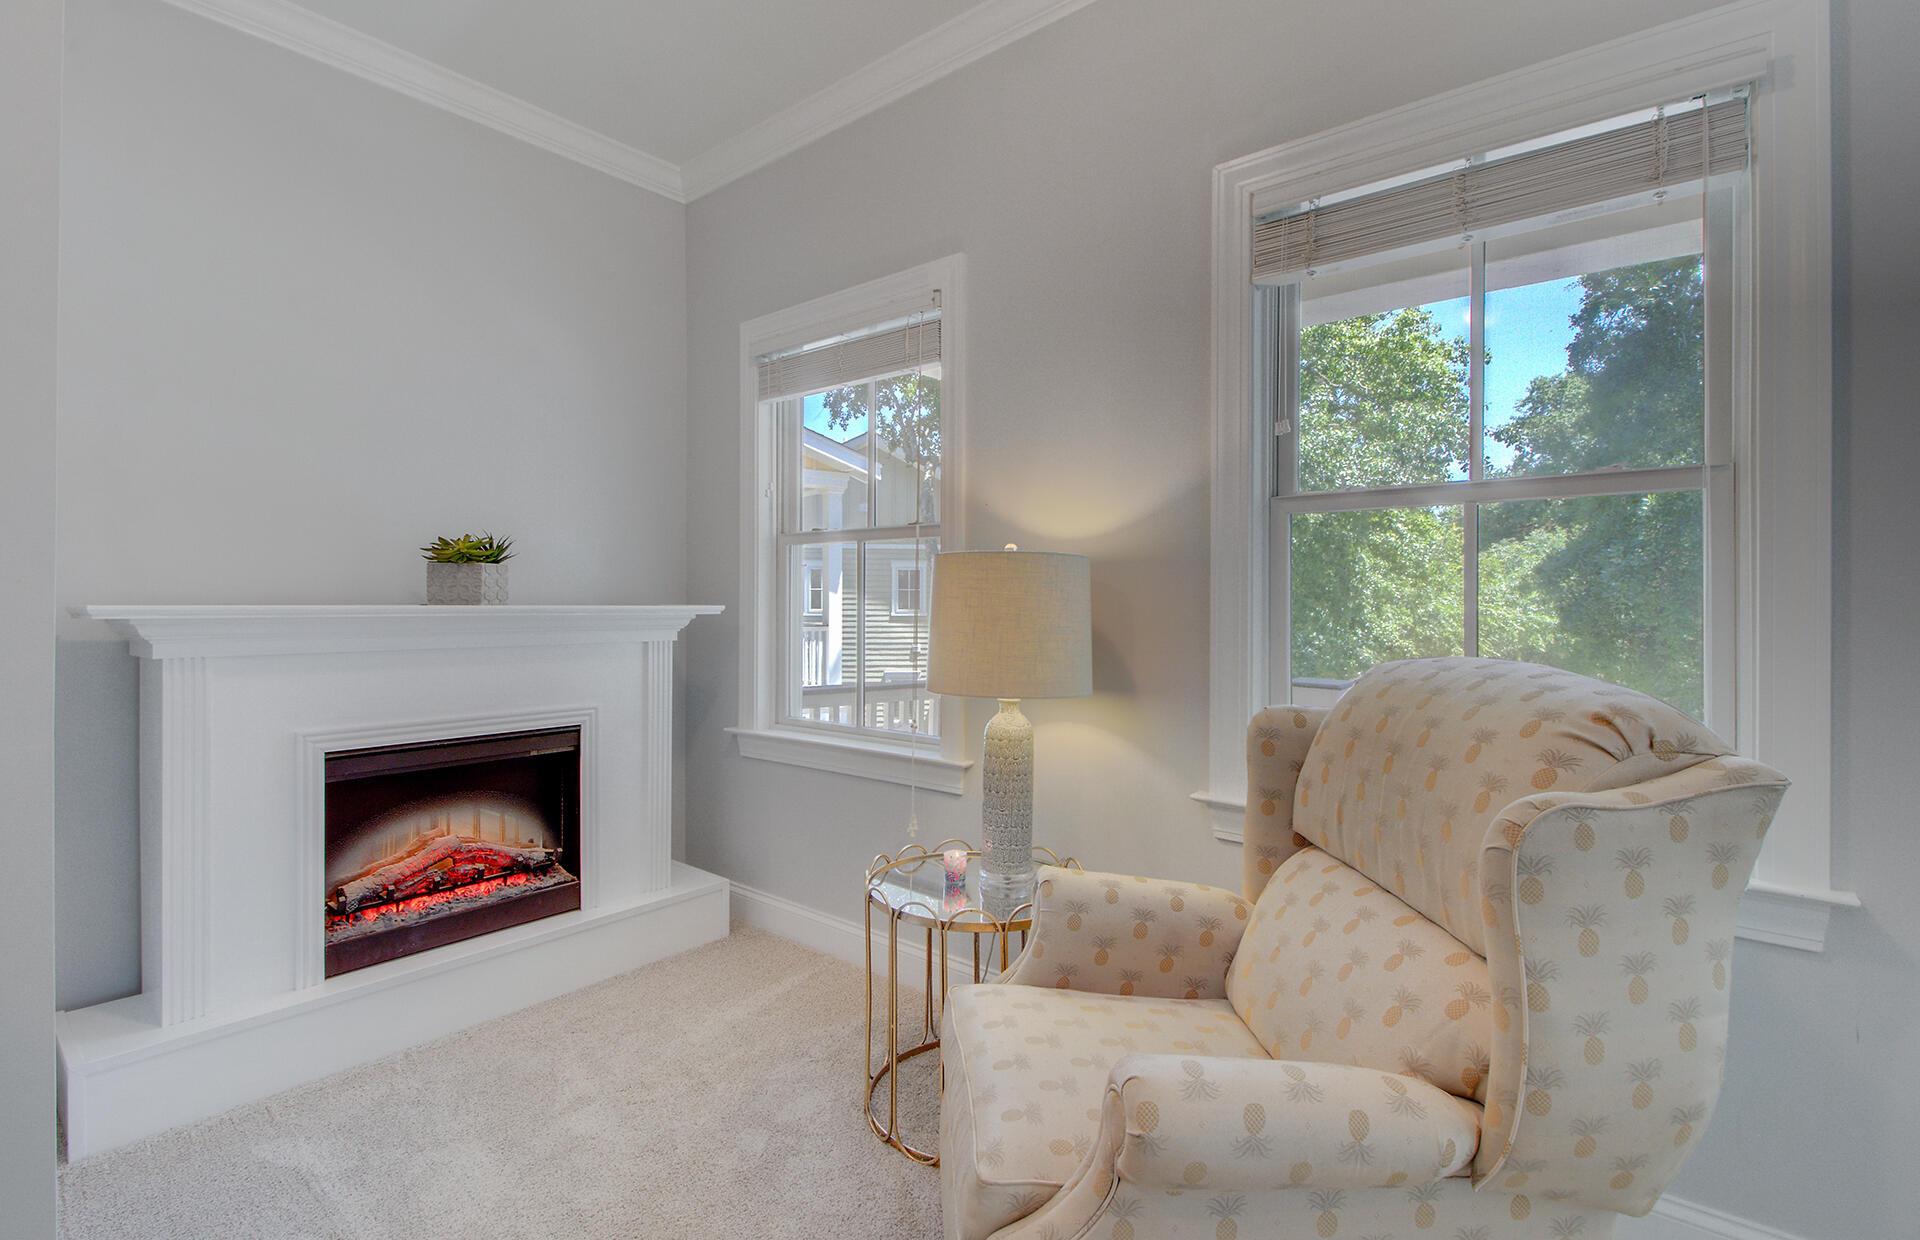 Phillips Park Homes For Sale - 1129 Phillips Park, Mount Pleasant, SC - 1